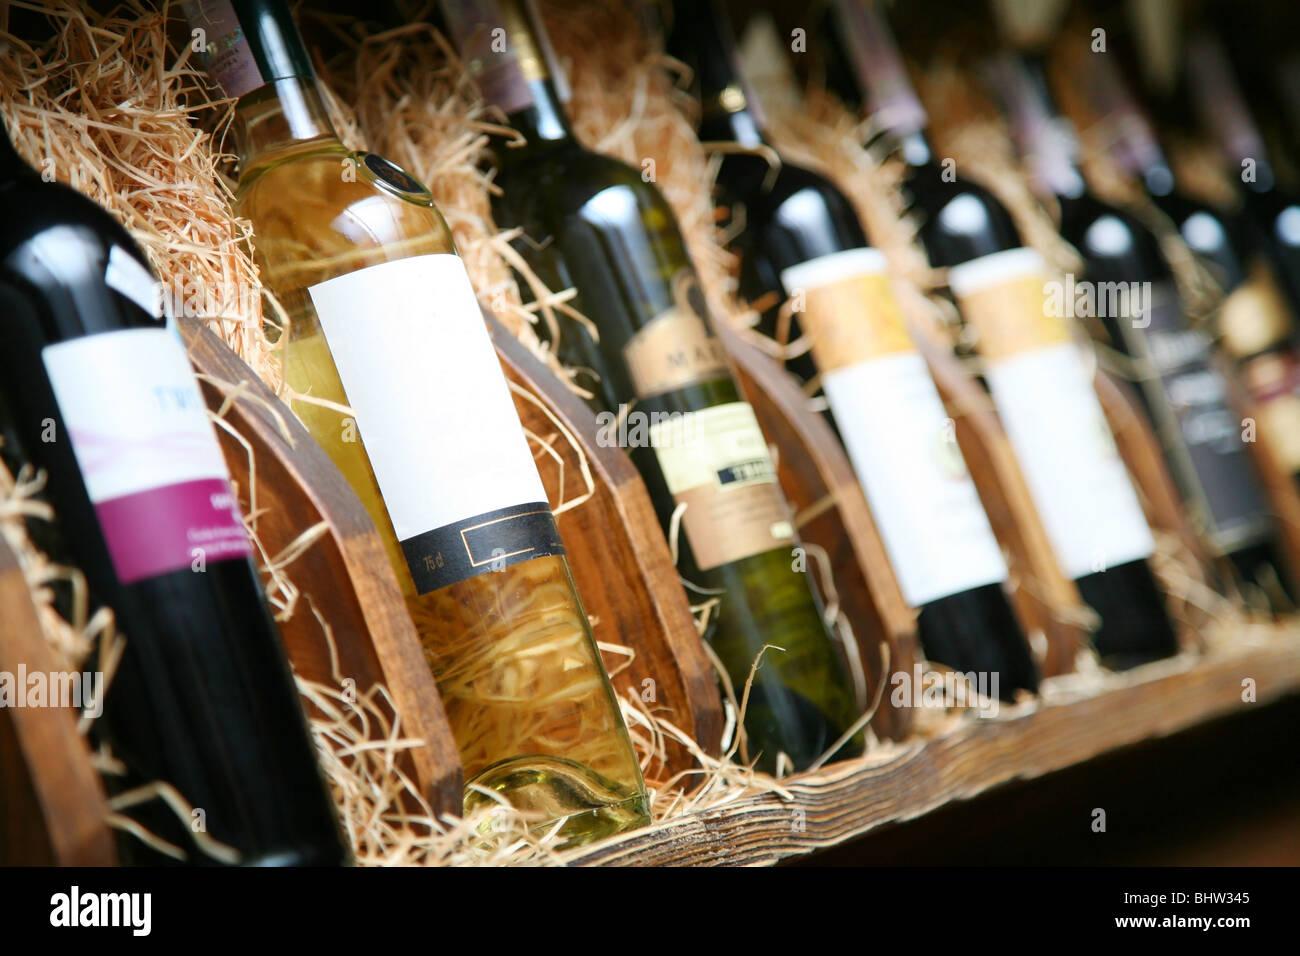 Primer plano de filmación wineshelf. Poner más botellas de paja. Imagen De Stock